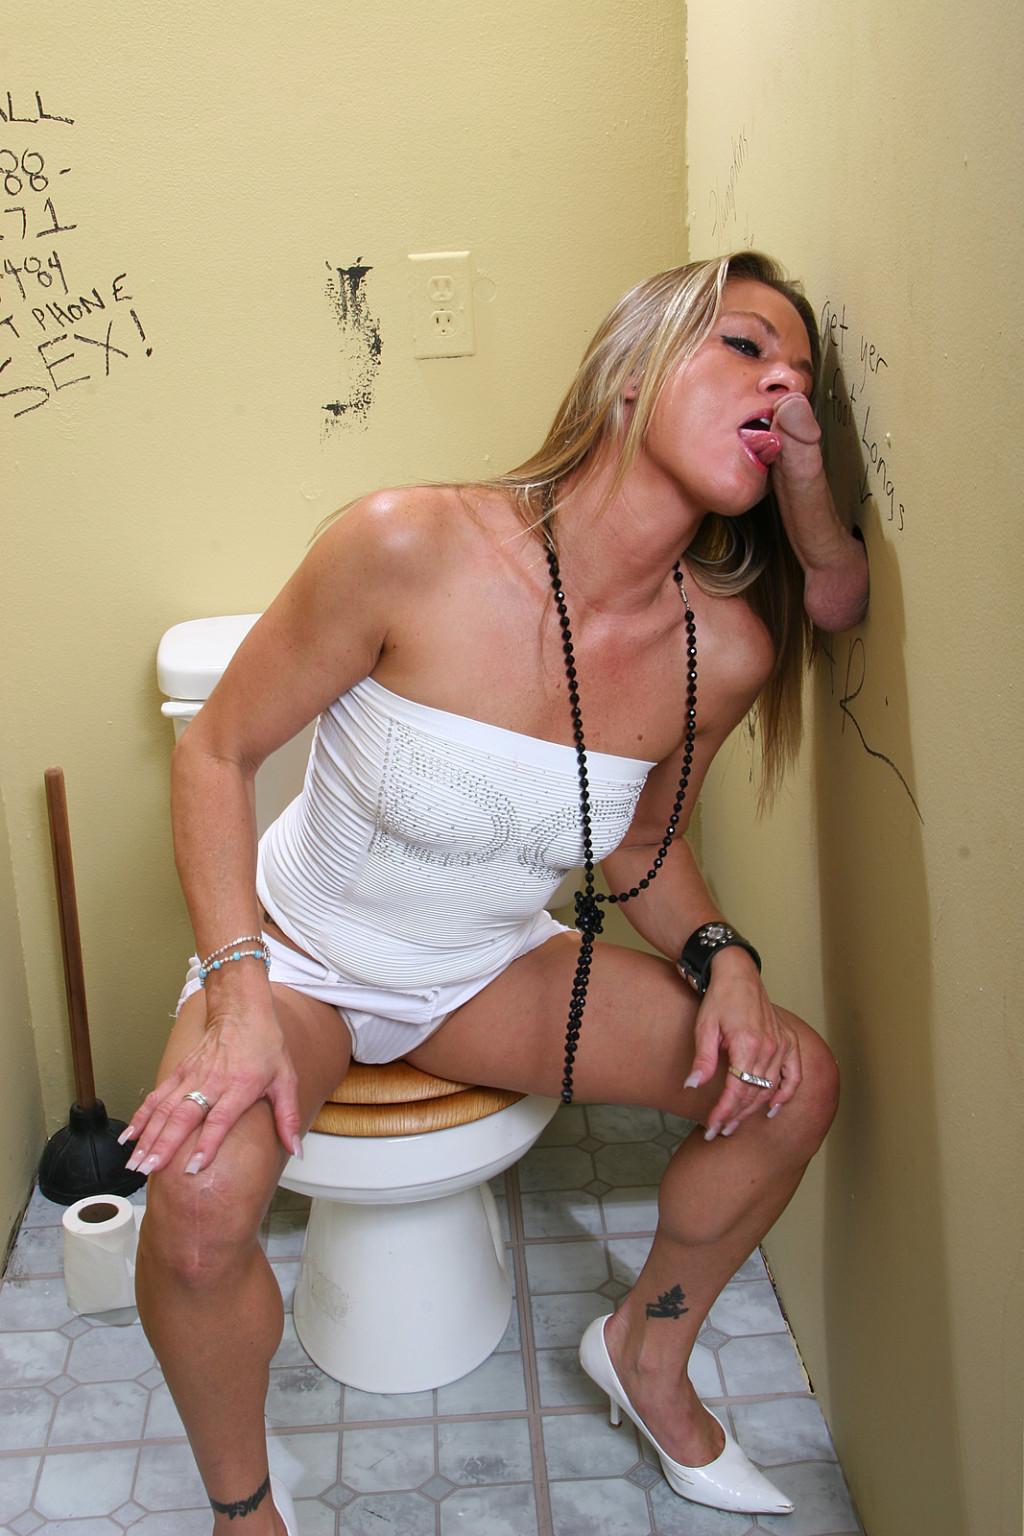 Стерва бедном порнуха в туалете клуба через дырку в стене сайнт